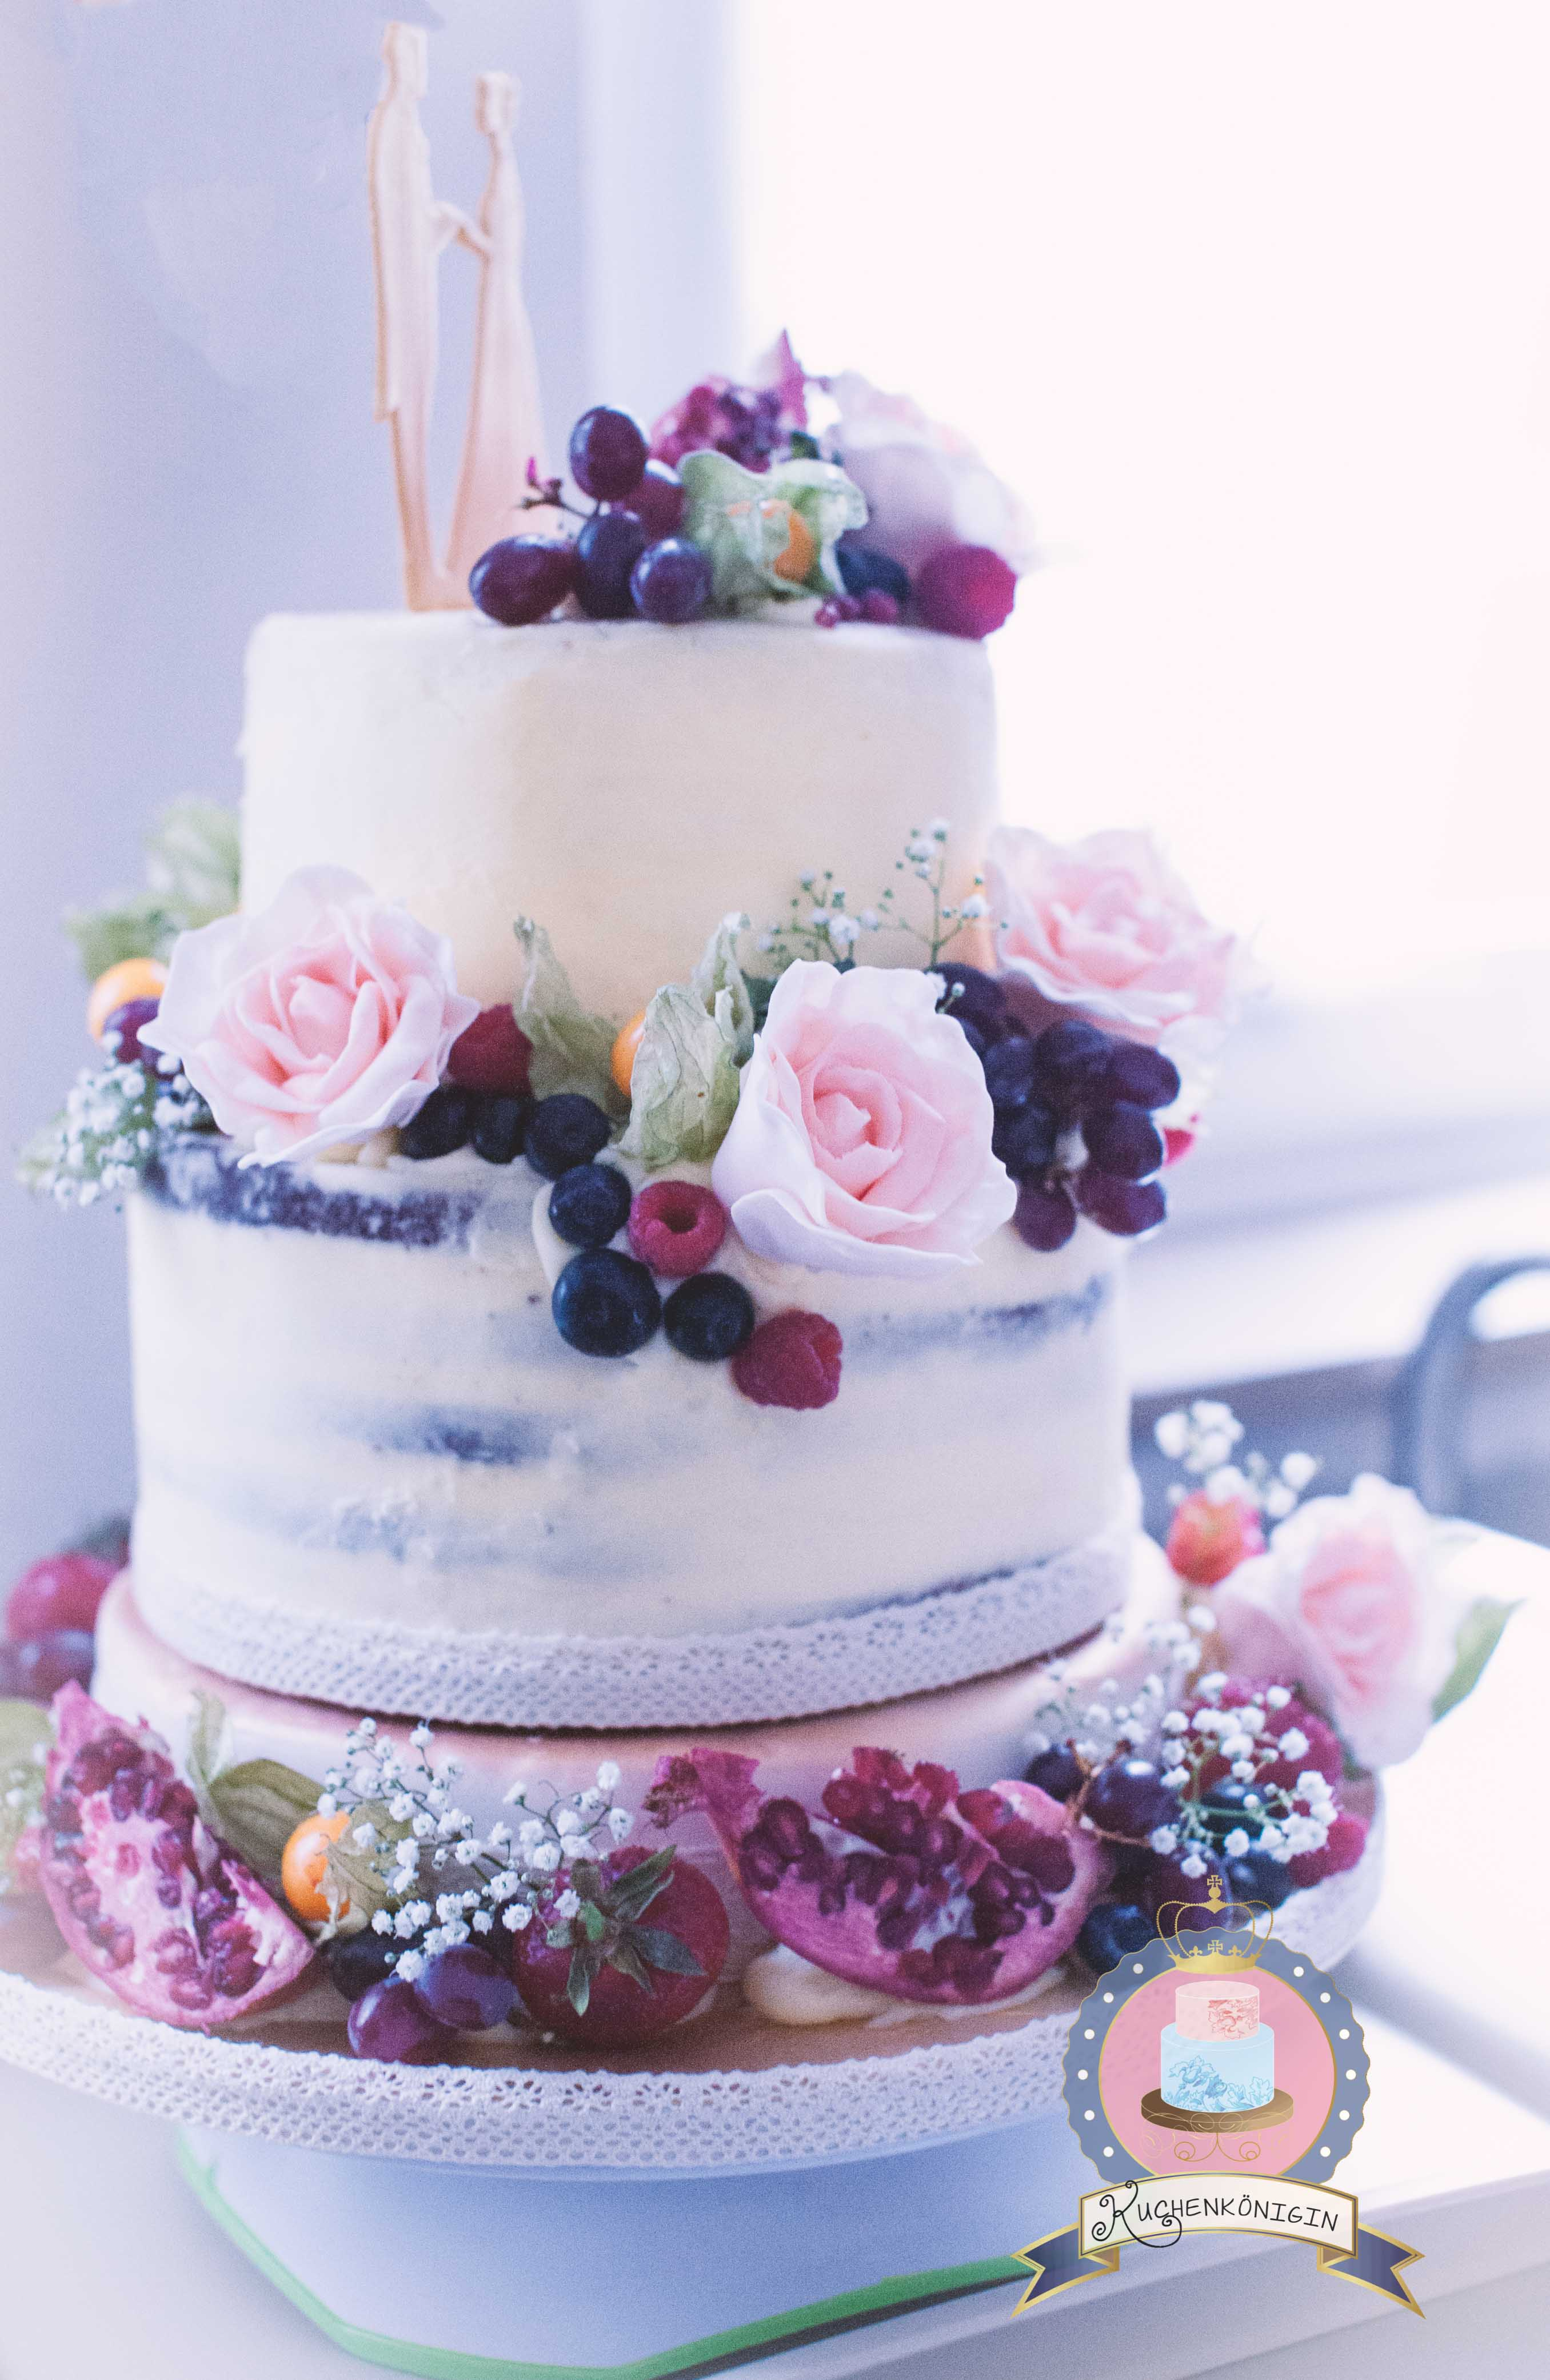 Romantic Naked Cake Nude Torte Hochzeitstorte Tutorial Rezept Backen Hochzeit Liebe Natur